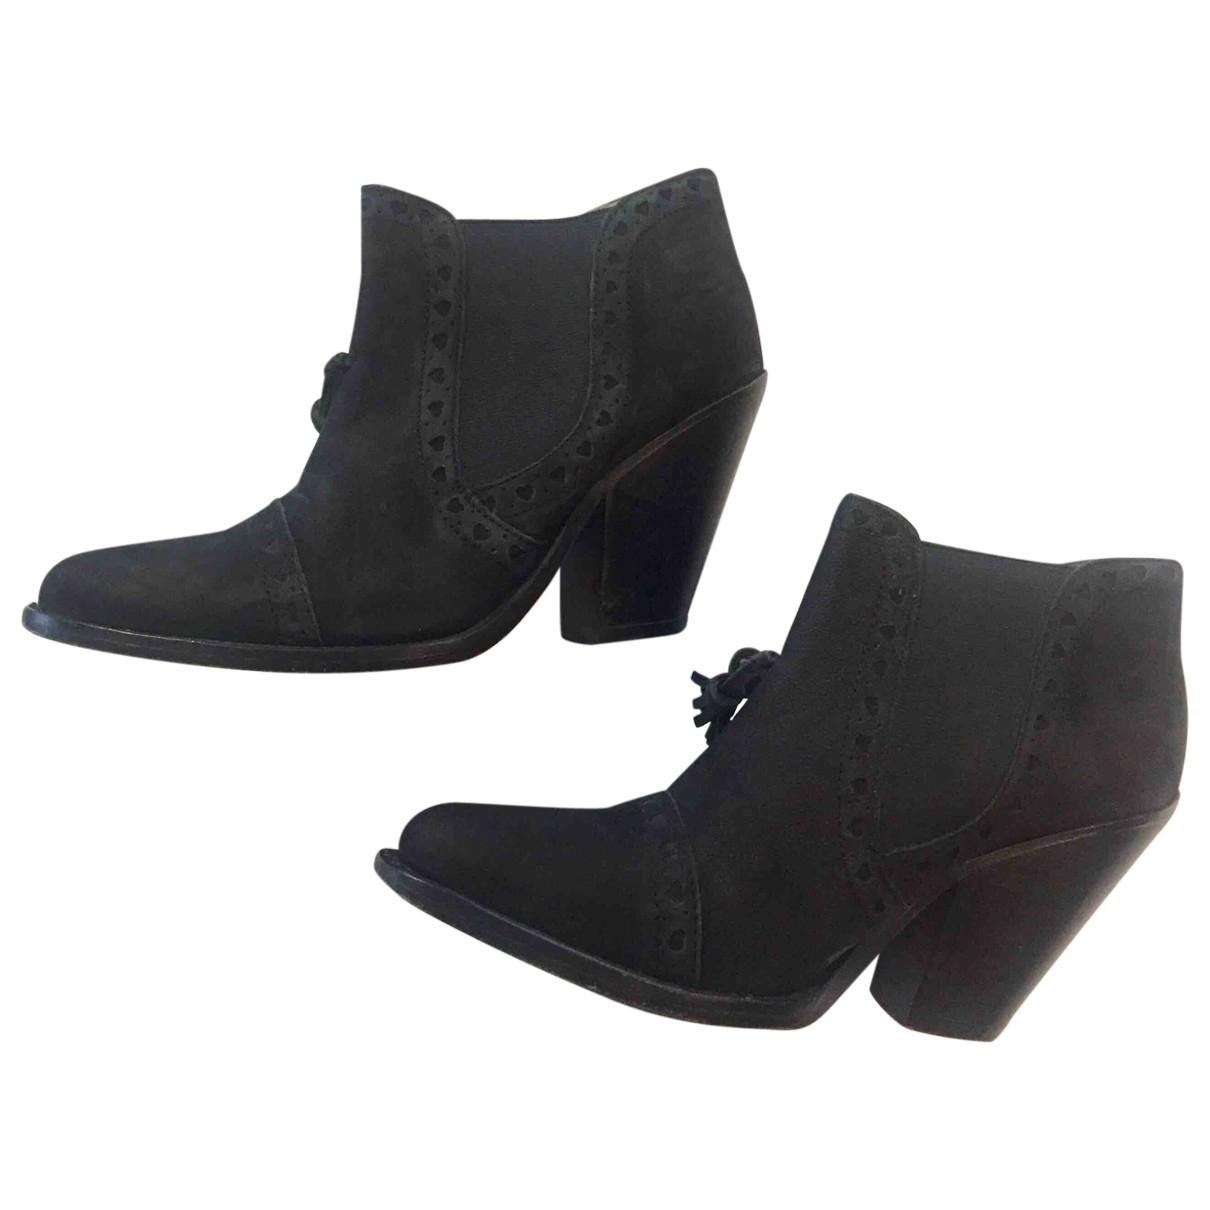 Paul & Joe - Boots   pour femme en cuir - noir